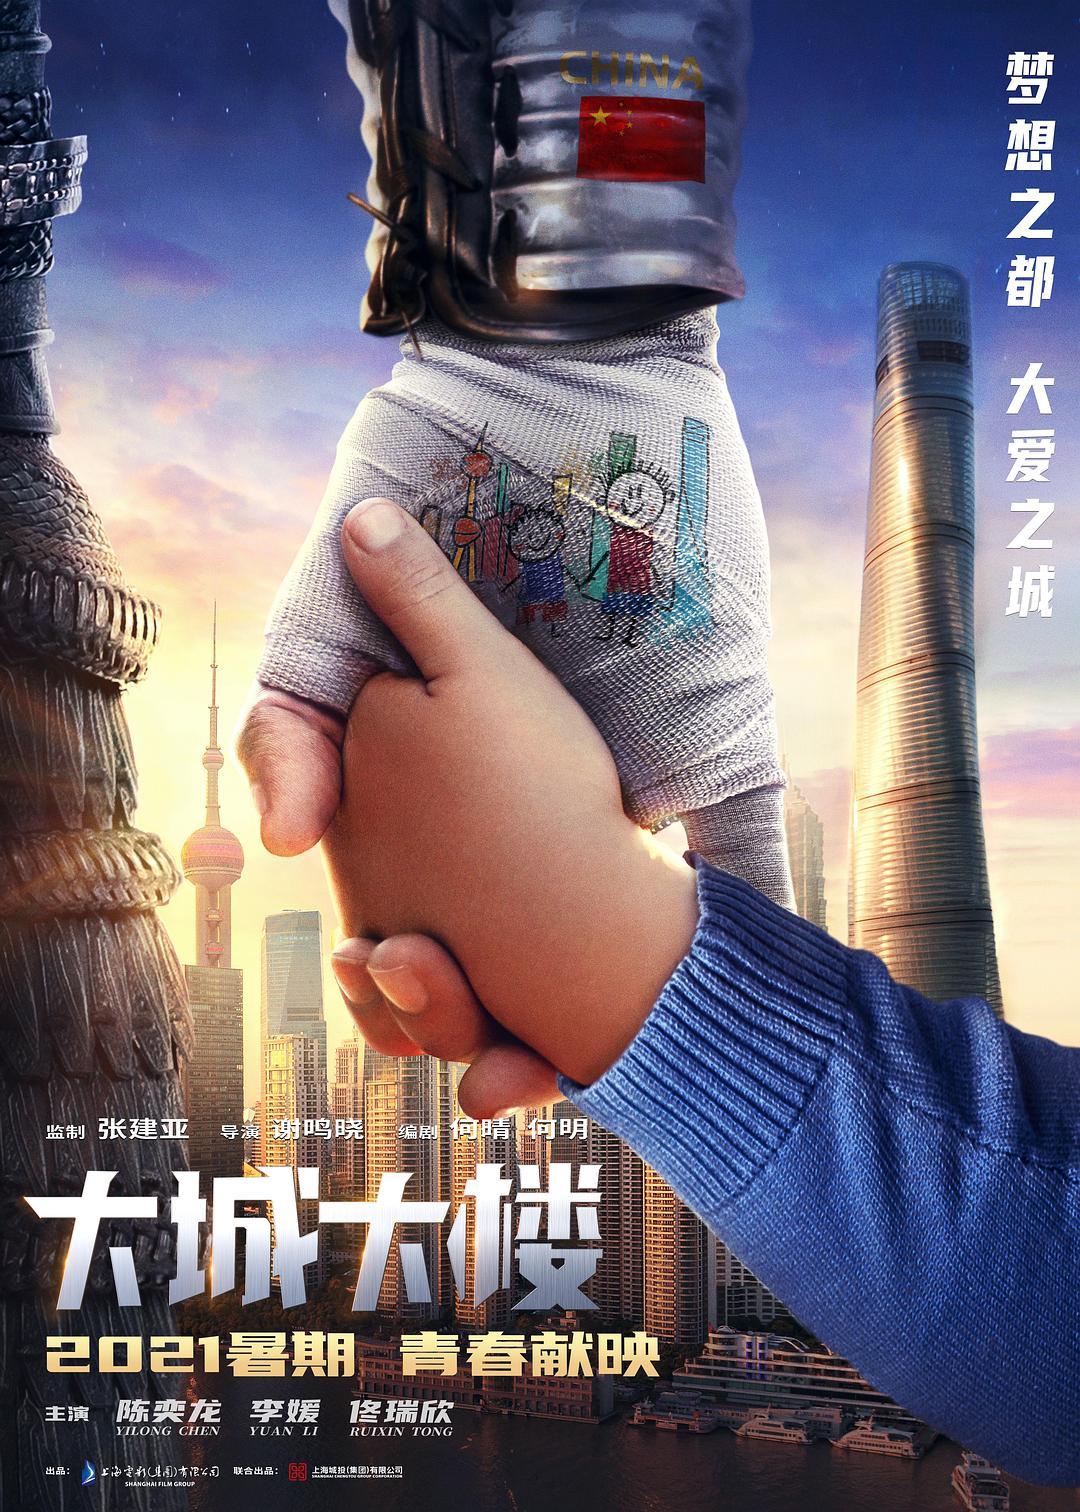 悠悠MP4_MP4电影下载_[大城大楼][WEB-MKV/9.00GB][国语配音/中文字幕][4K-2160P][H265编码][中国电影,2021影院,陈奕龙,2021等评